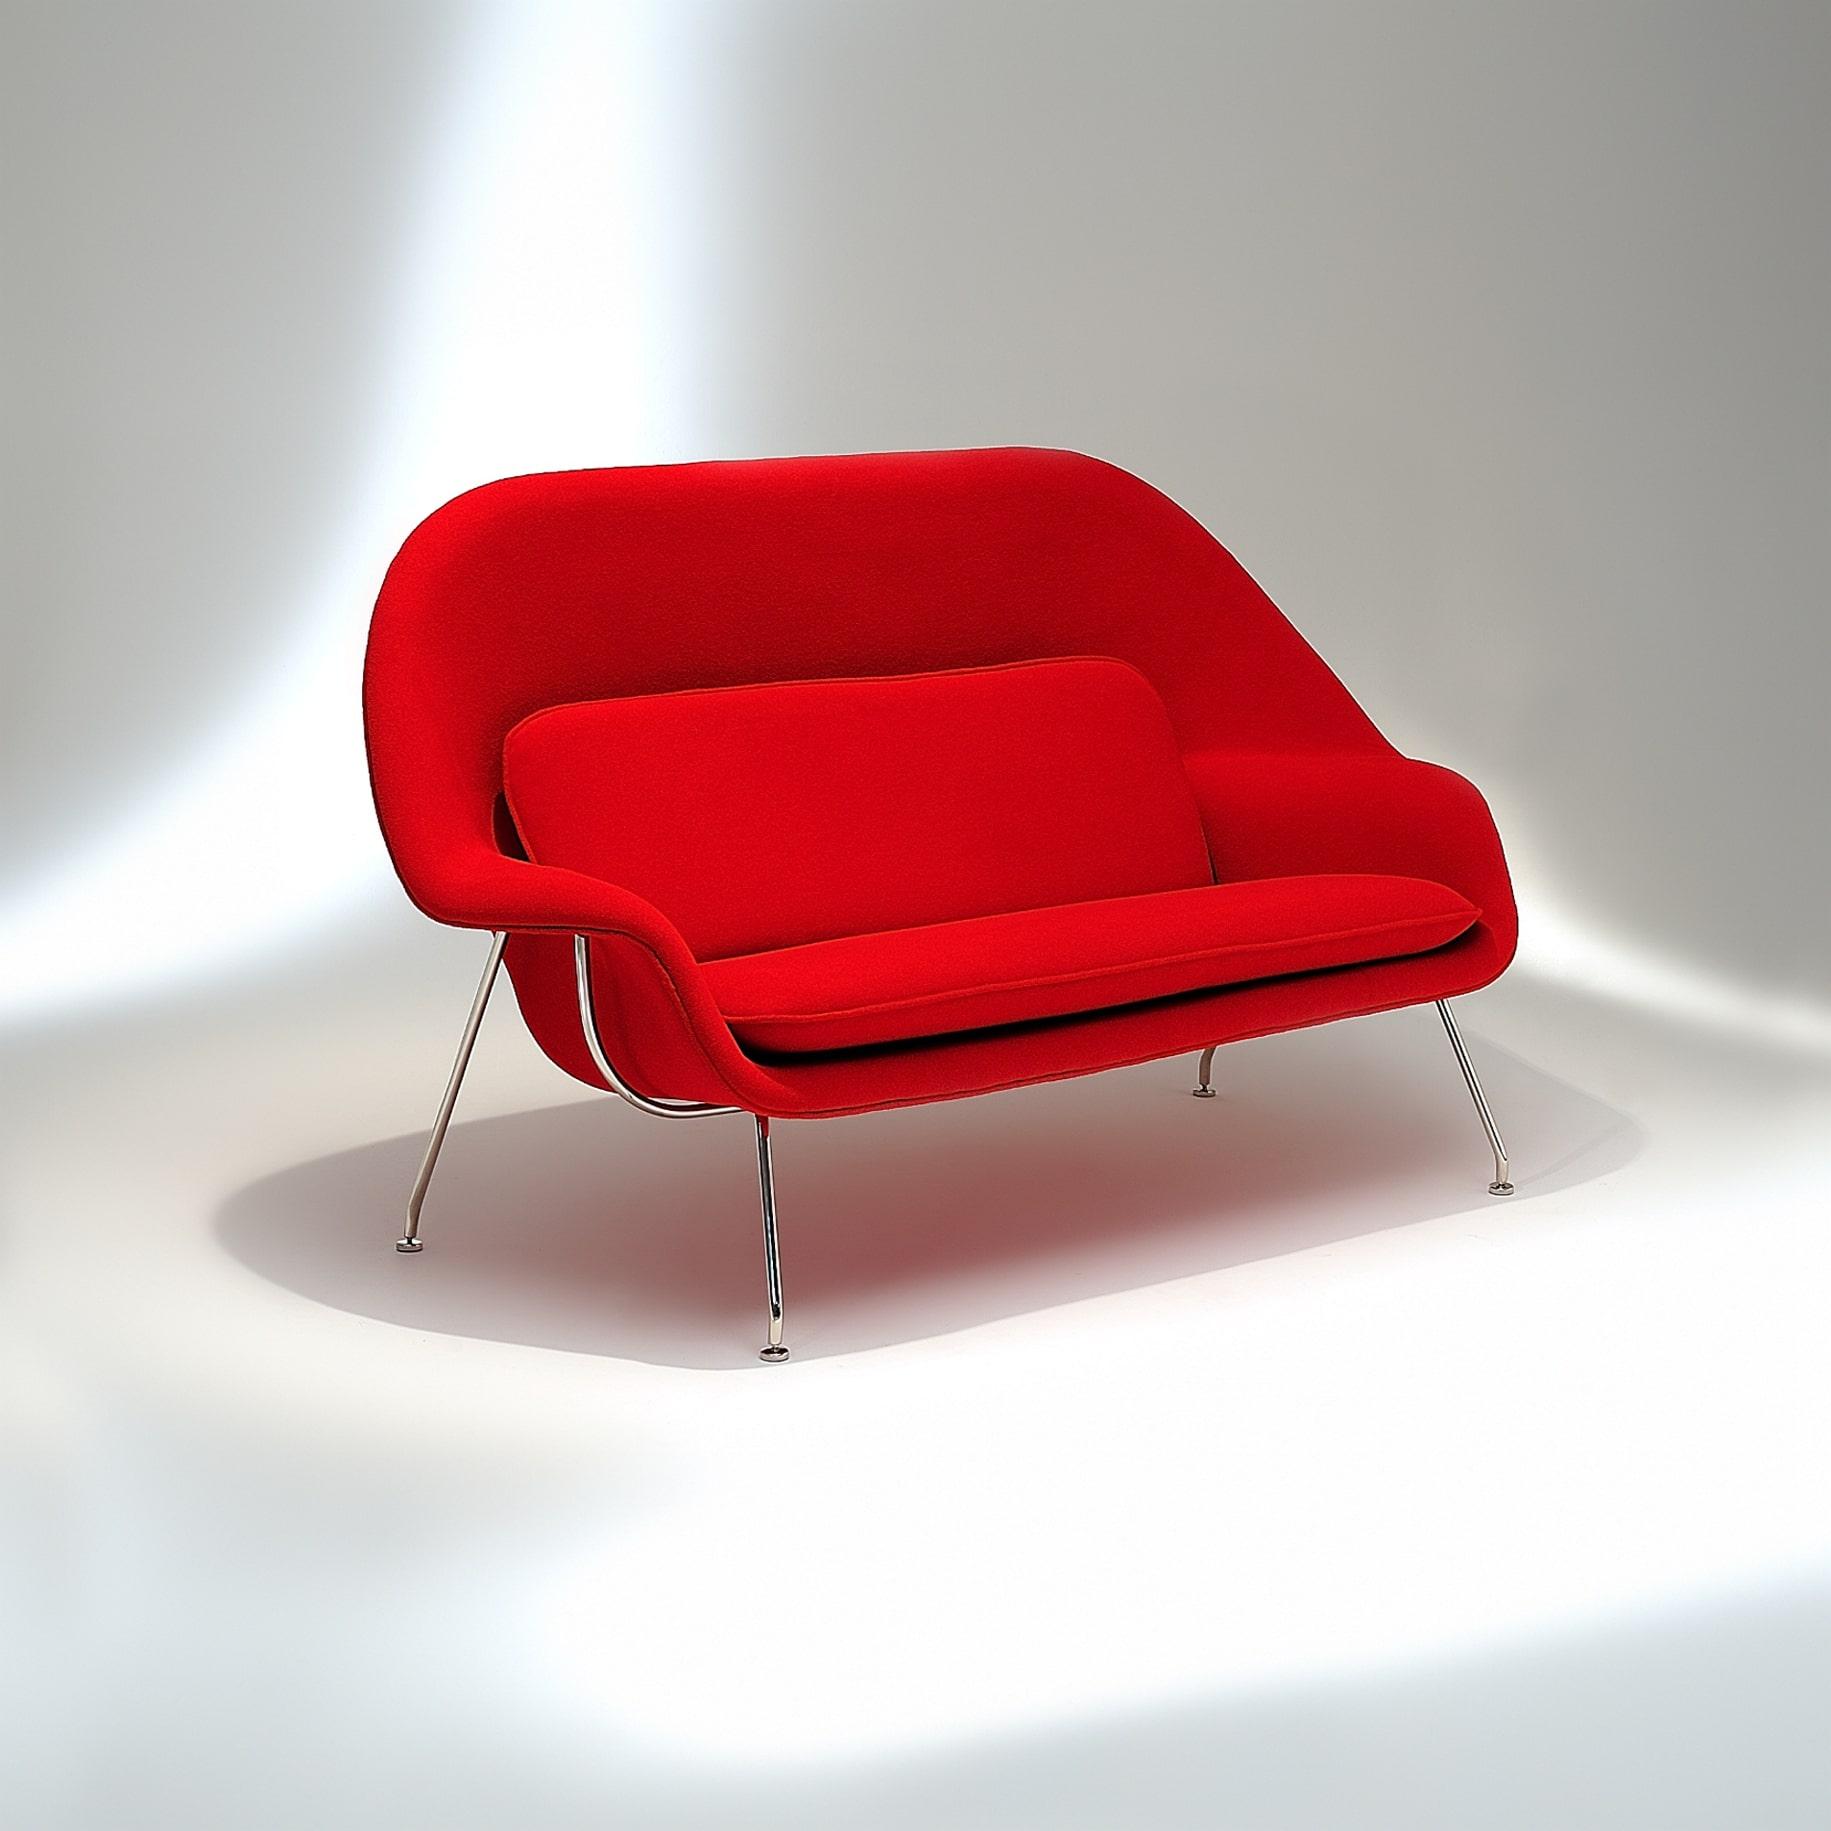 design moderno criado pelo designer Eero Saarinen faz muito sucesso nas decorações de estilo industrial